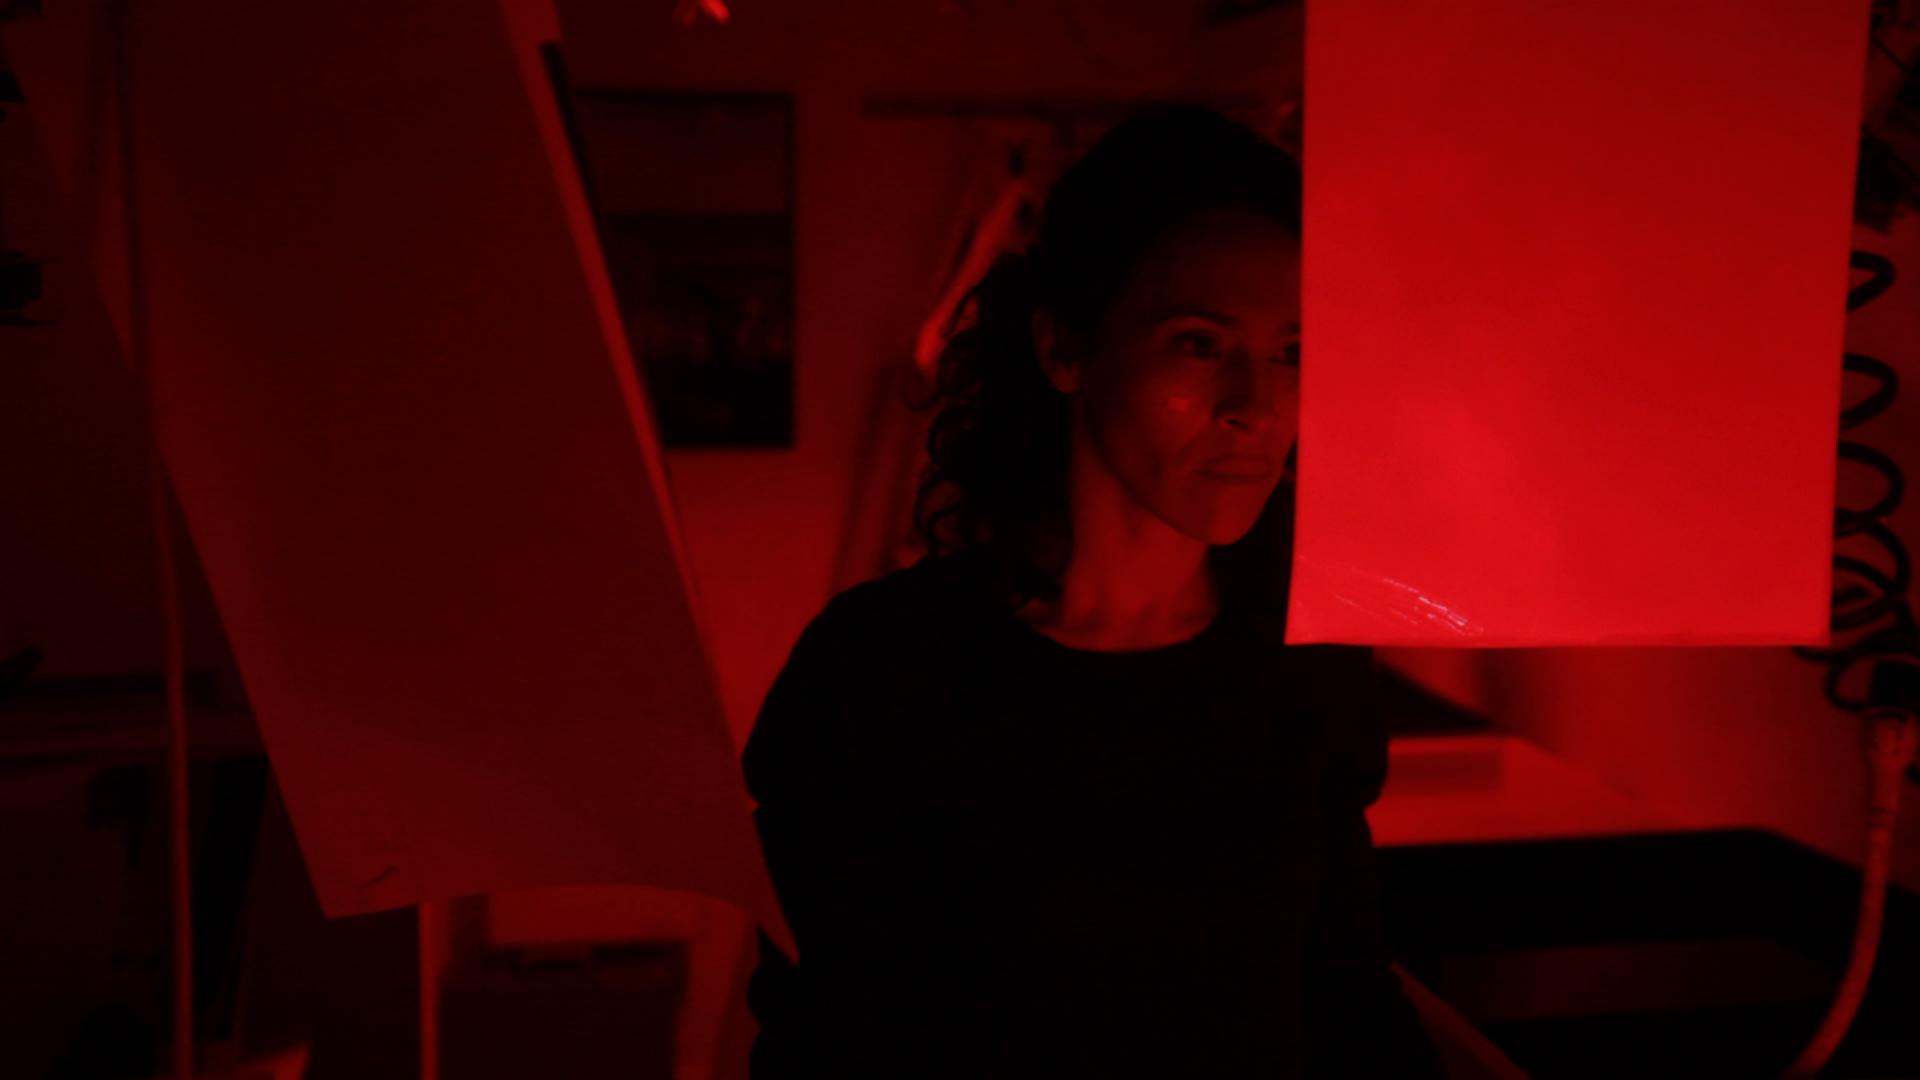 La chambre noire de j r me meynardie paradoxal for Chambre noire